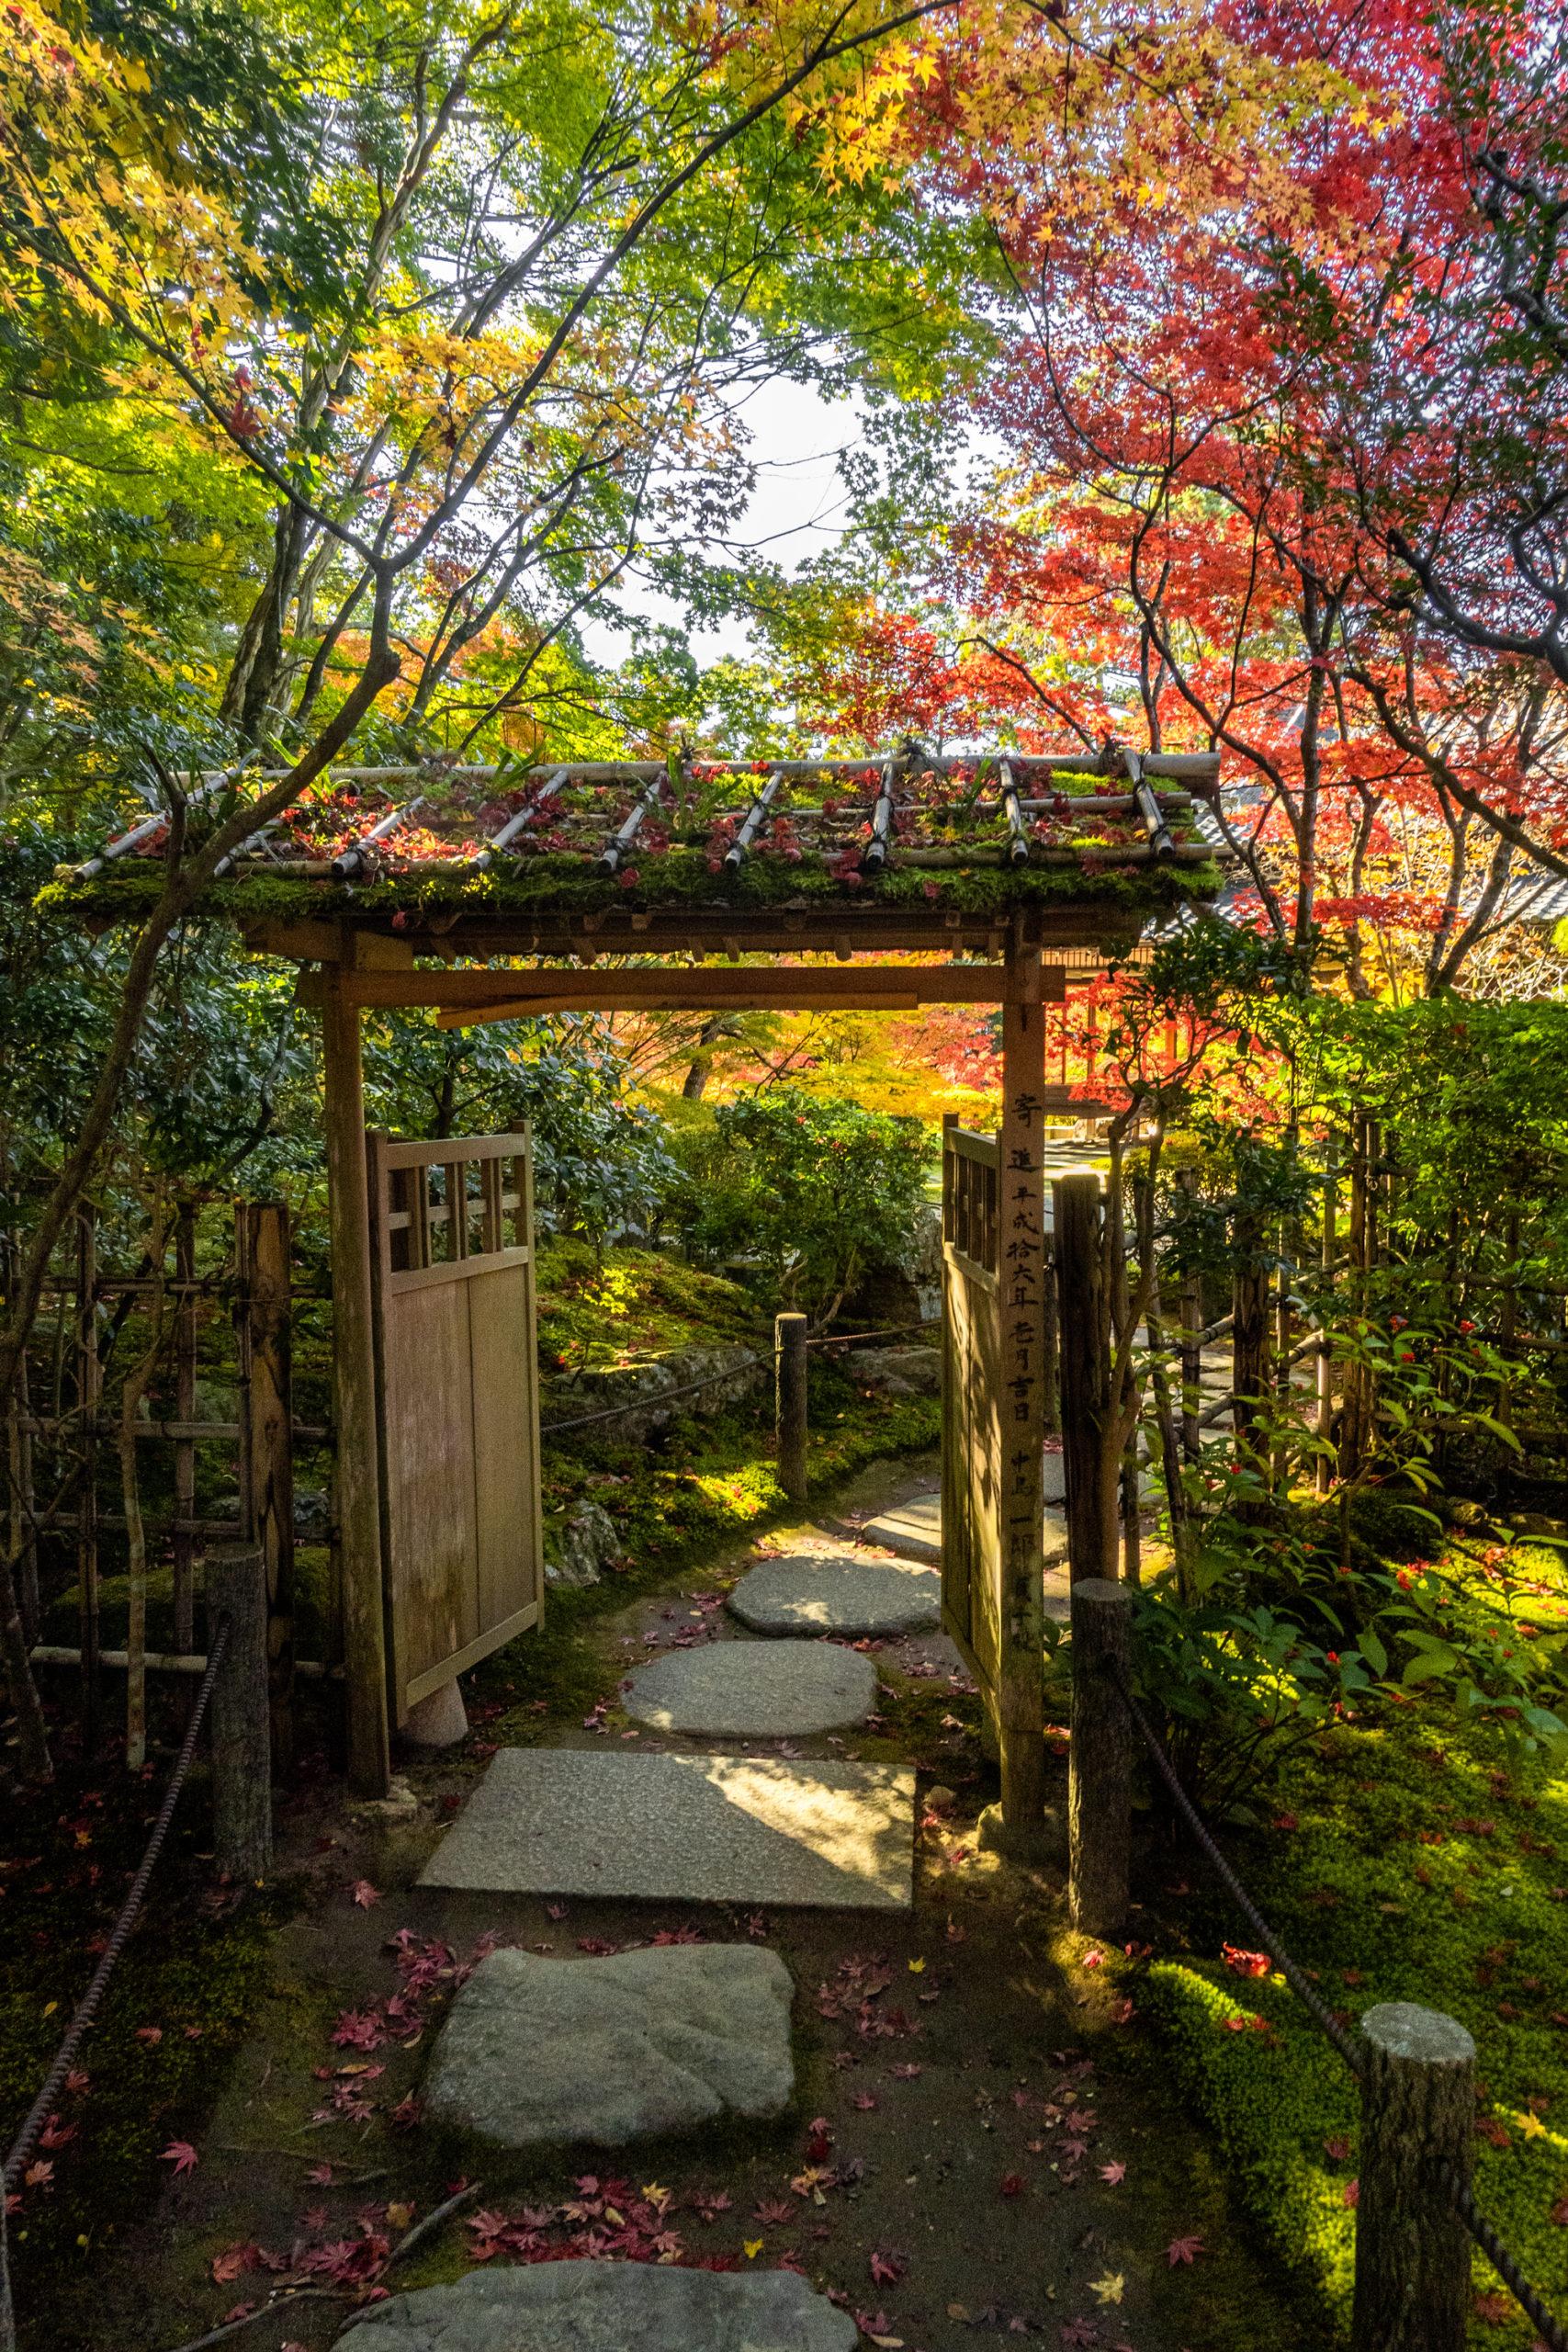 DSC00637-scaled 京都  天授庵(紅葉の美しい庭園が見所な秋におすすめのスポット!撮影した写真の紹介、アクセス情報など)